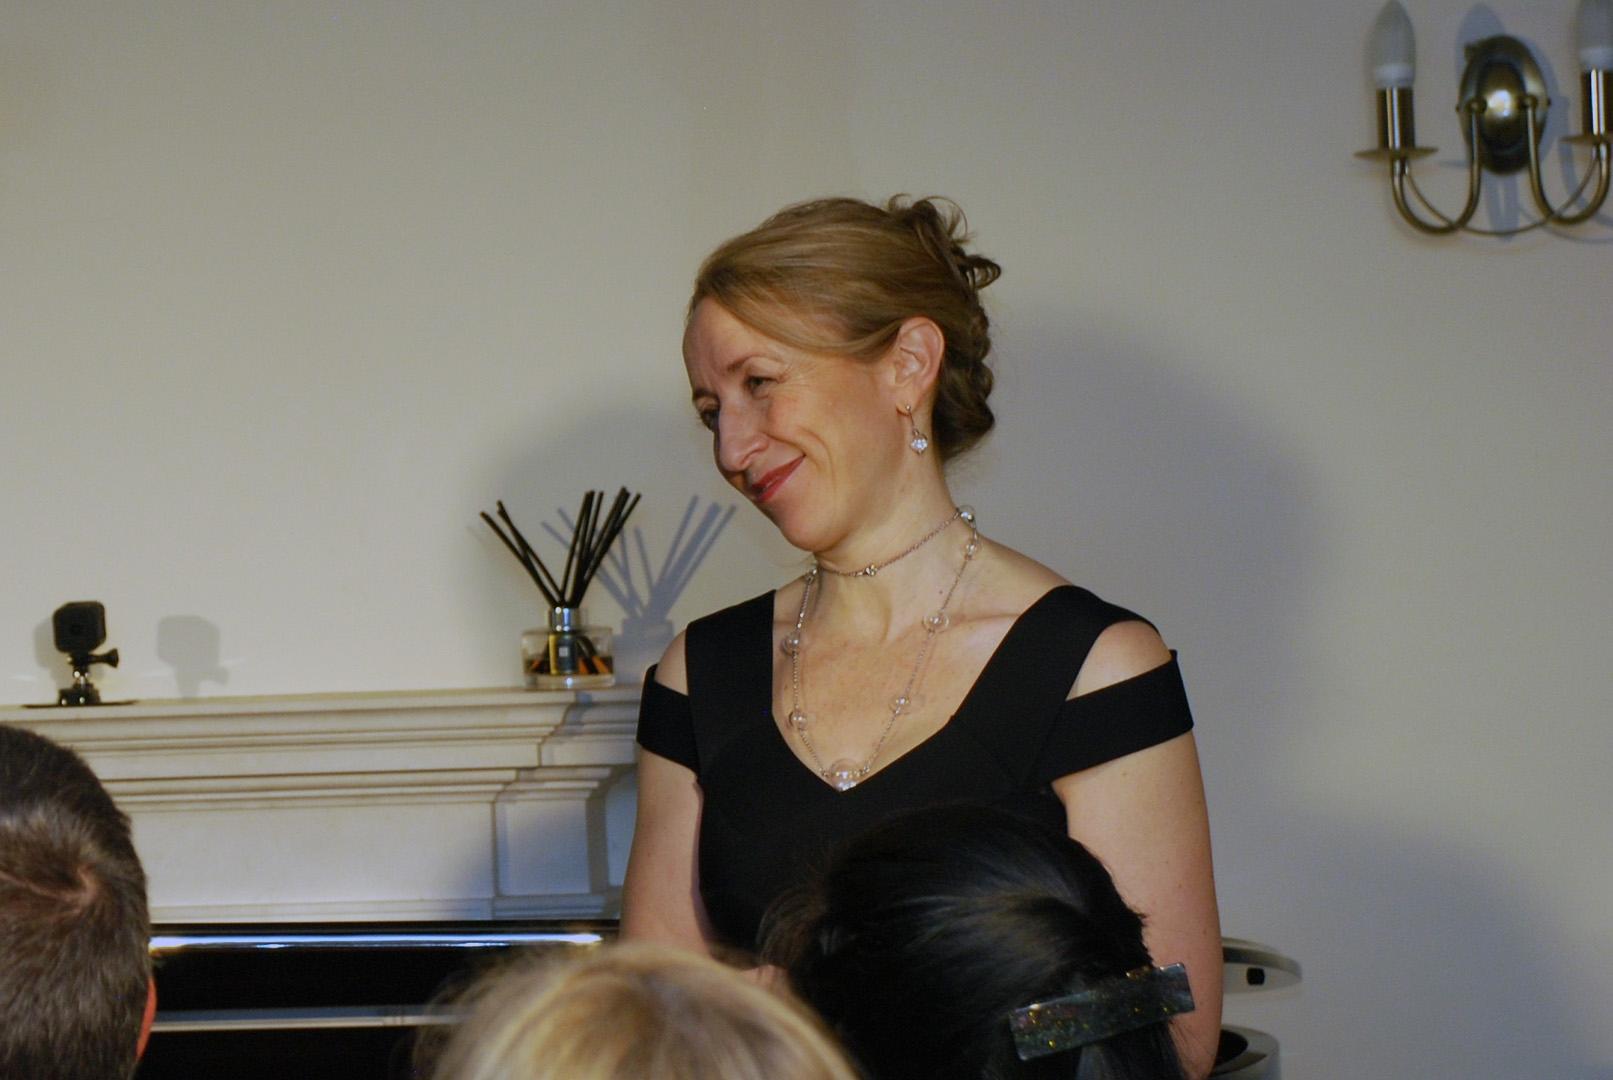 Alison Rhind, piano accompanist